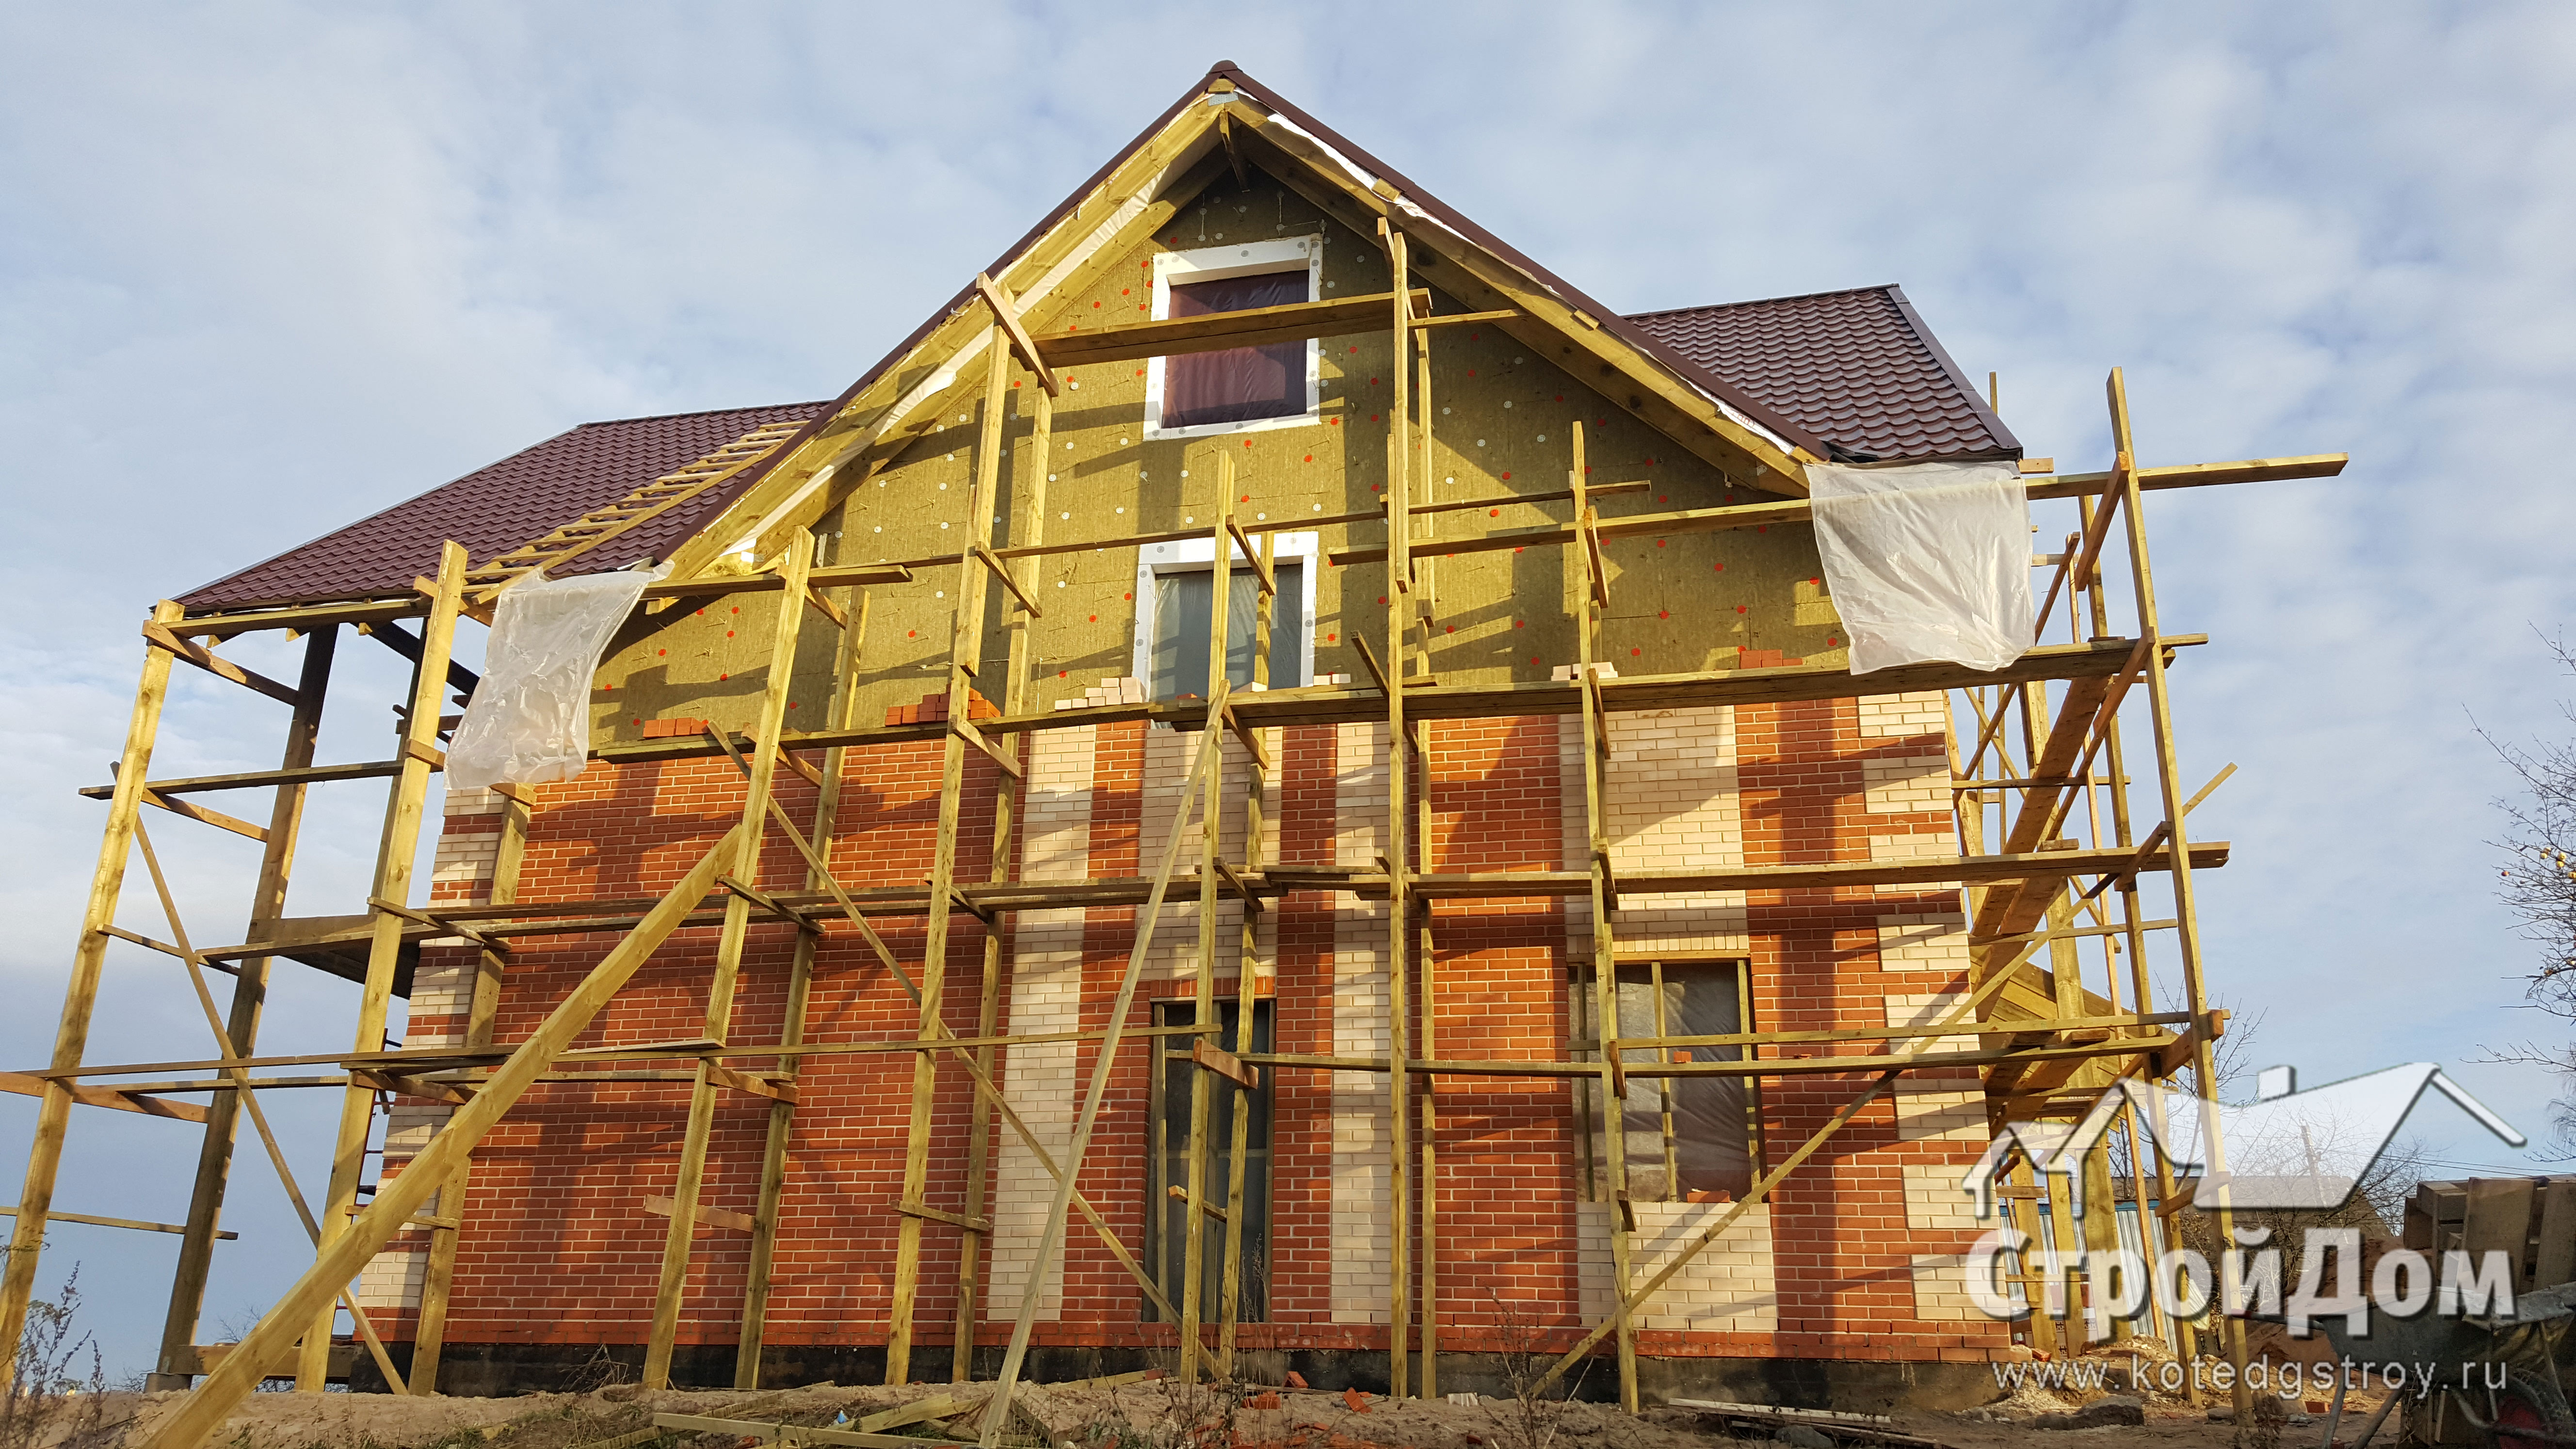 Облицовка фасадов загородного дома кирпичом